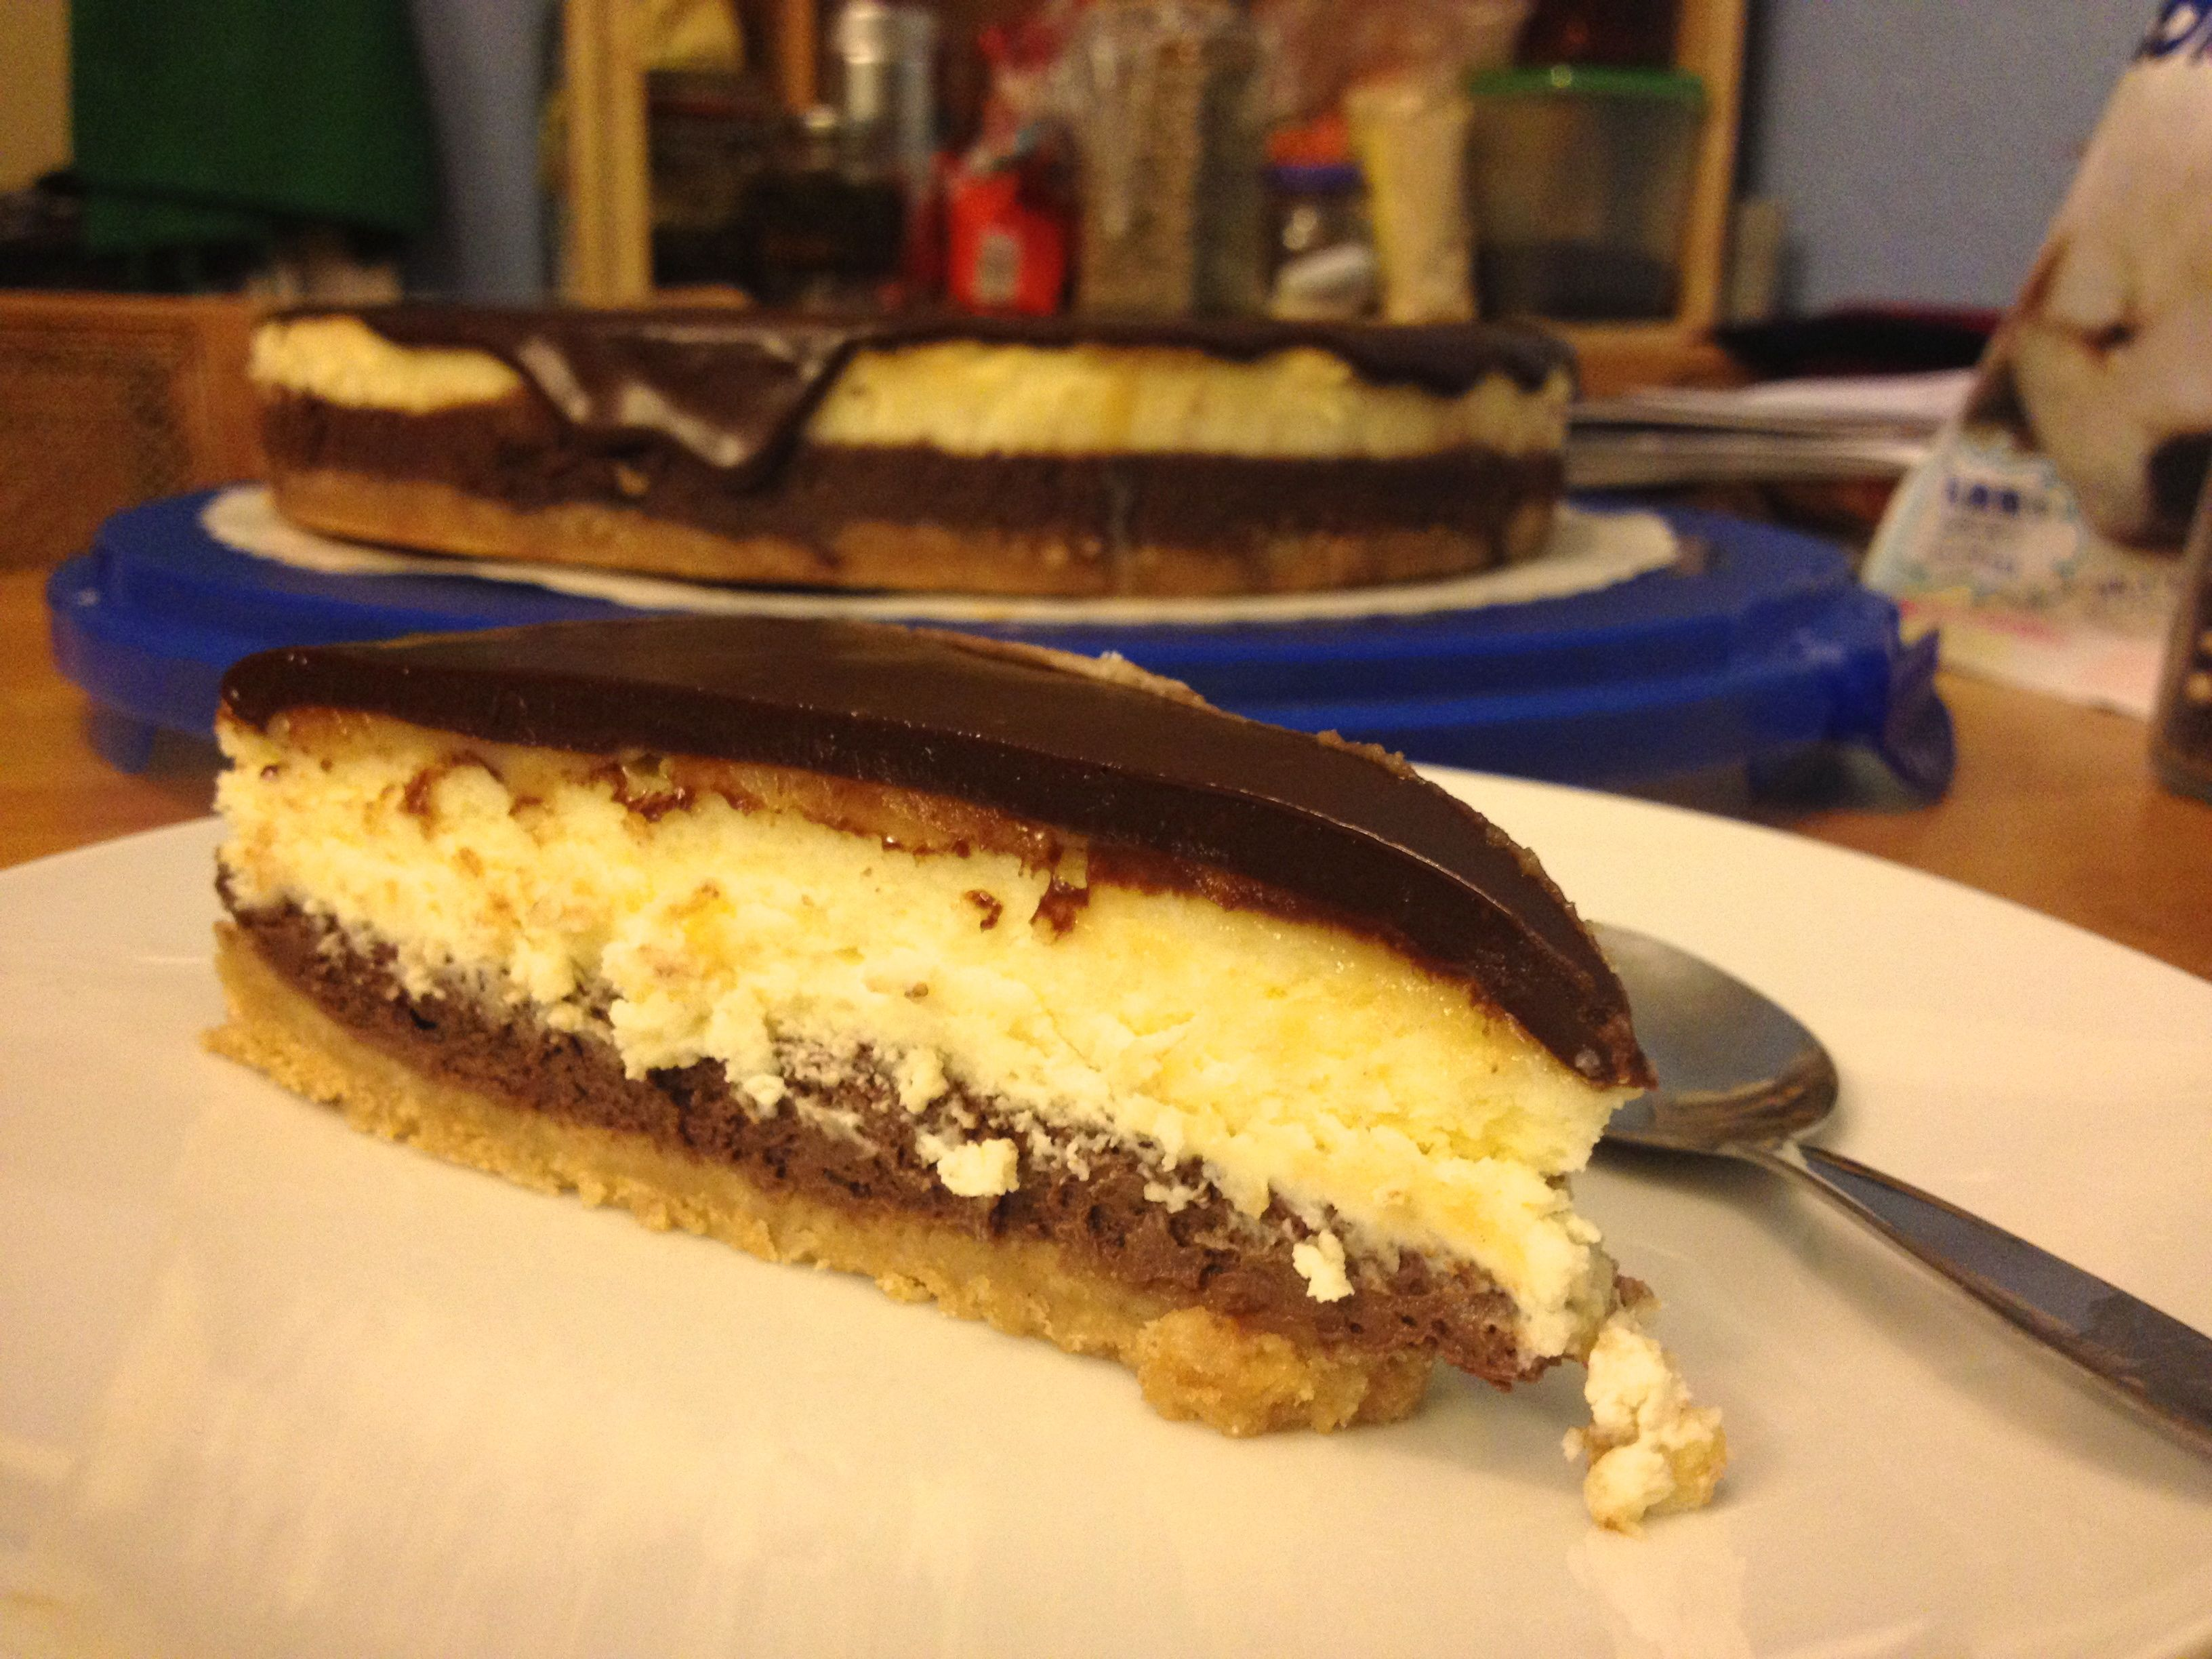 Cheesecake | kuchenkram.